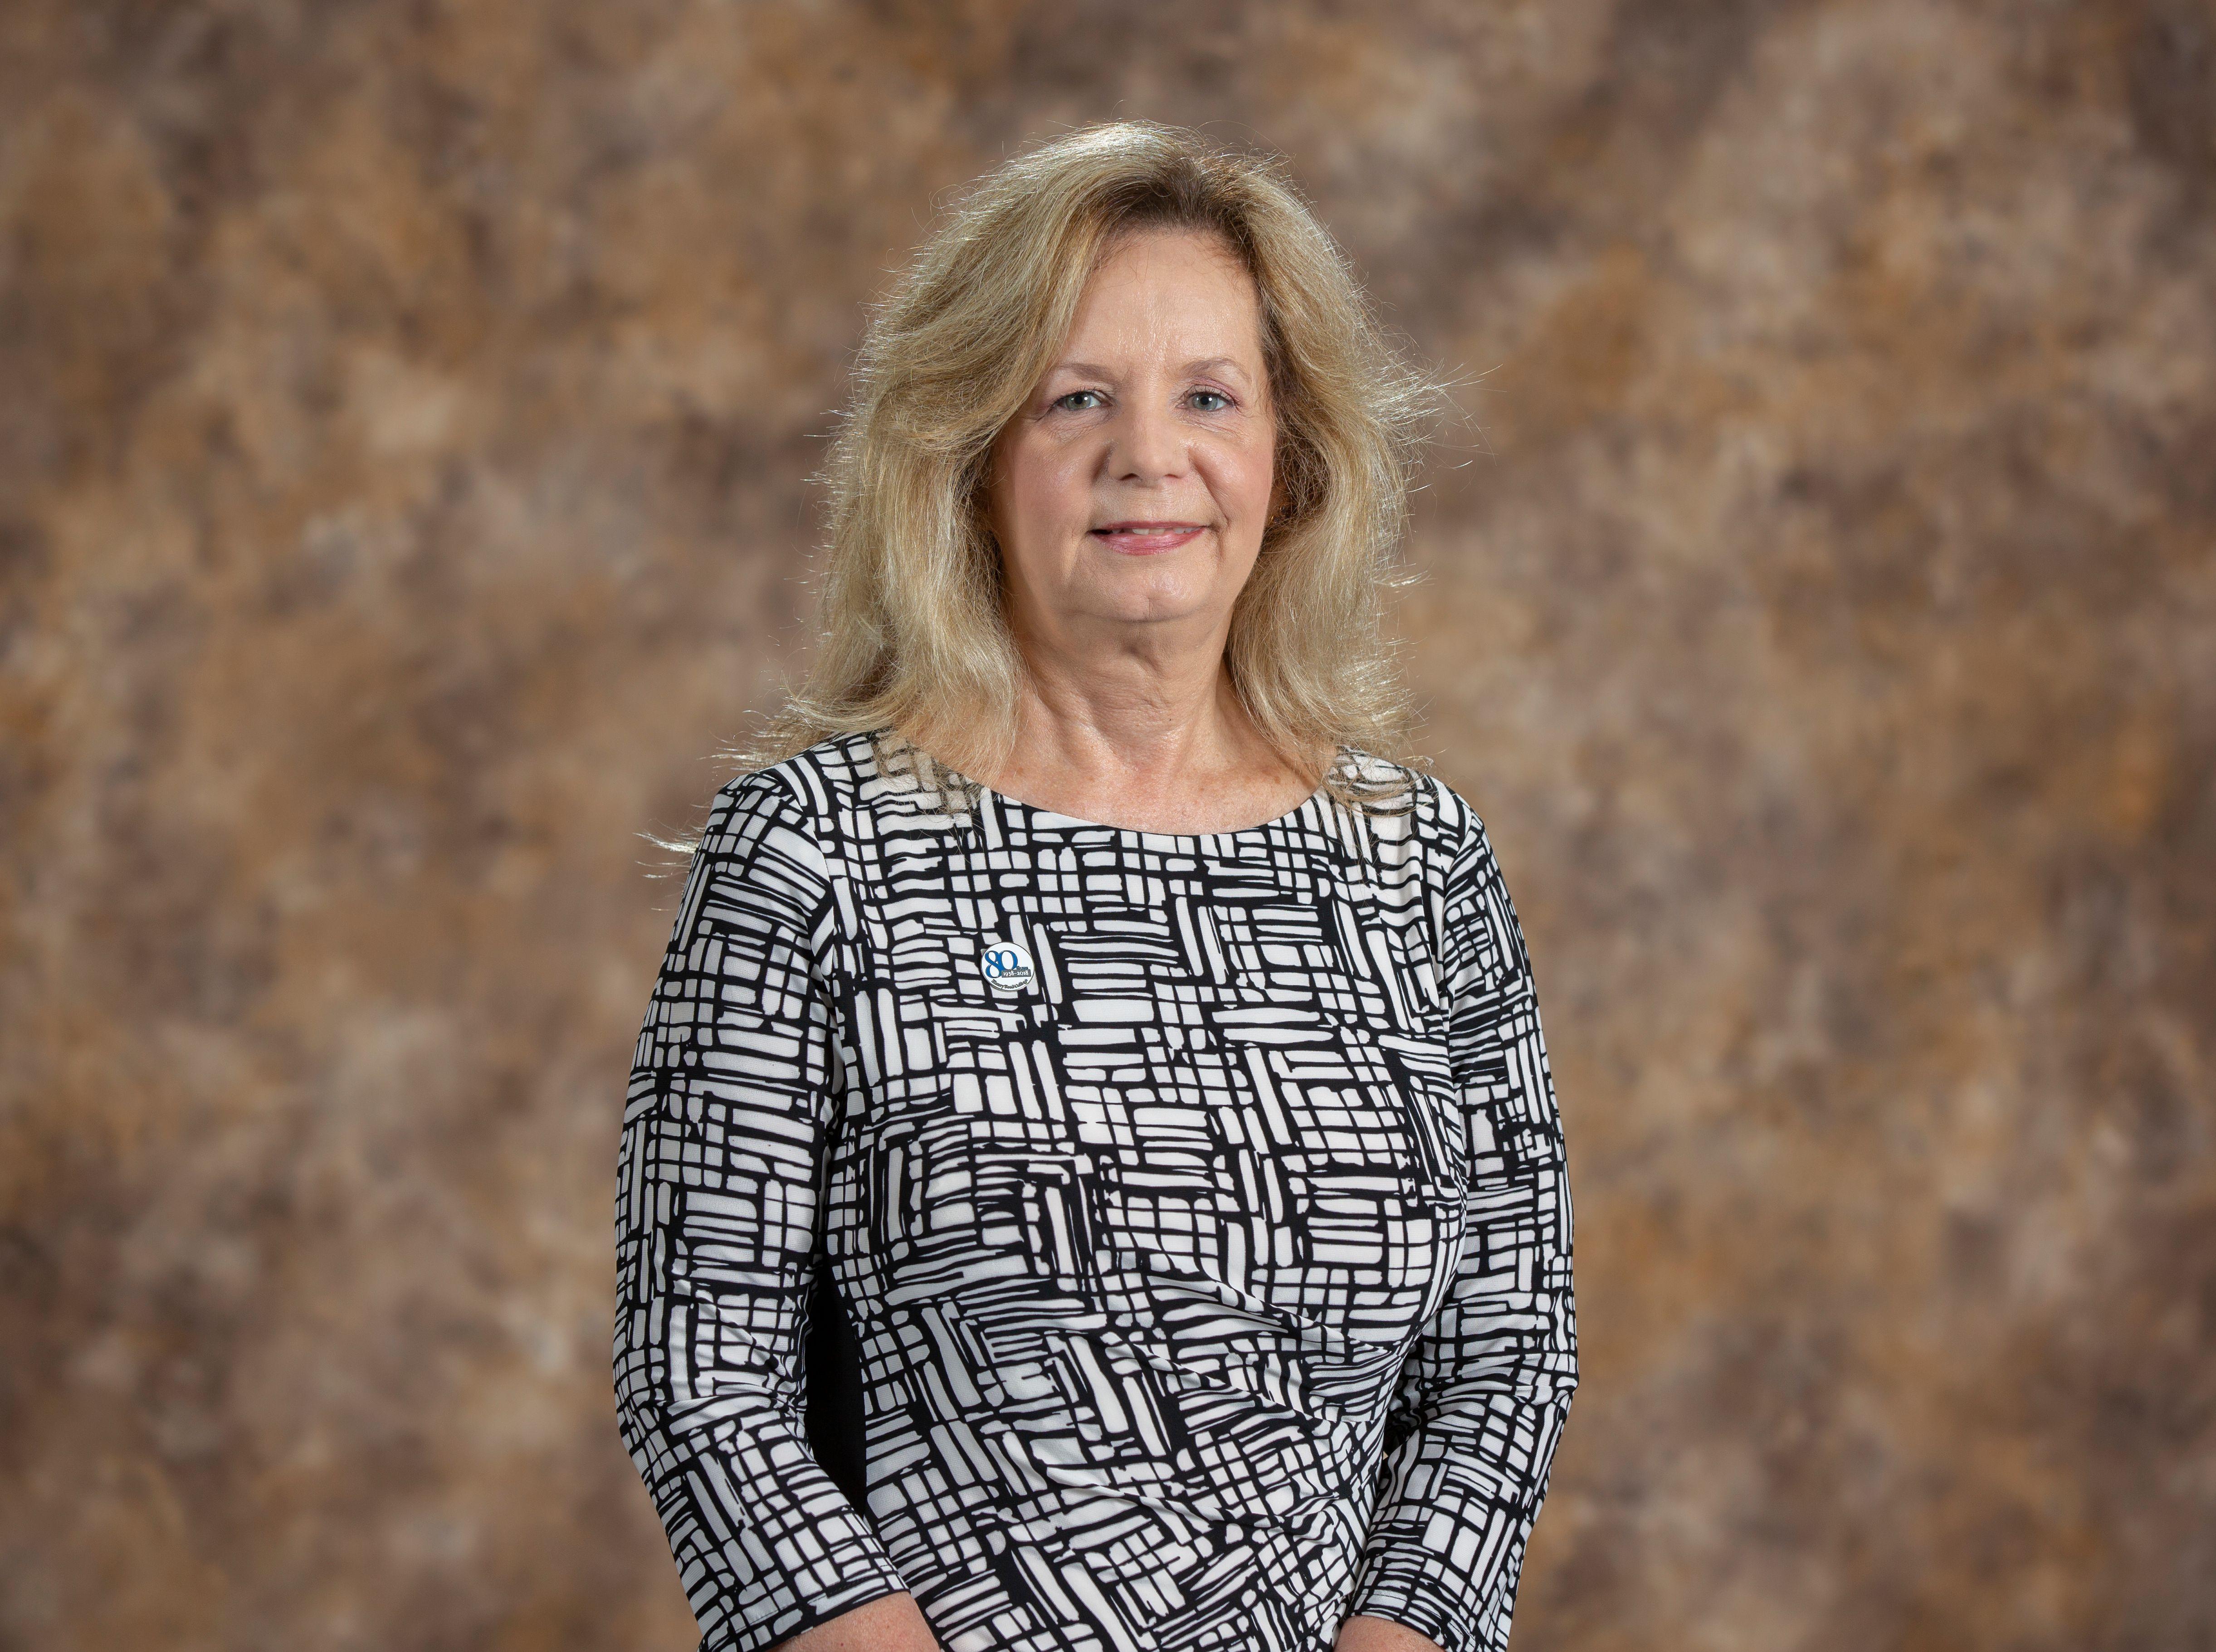 Cynthia Hanes Berry